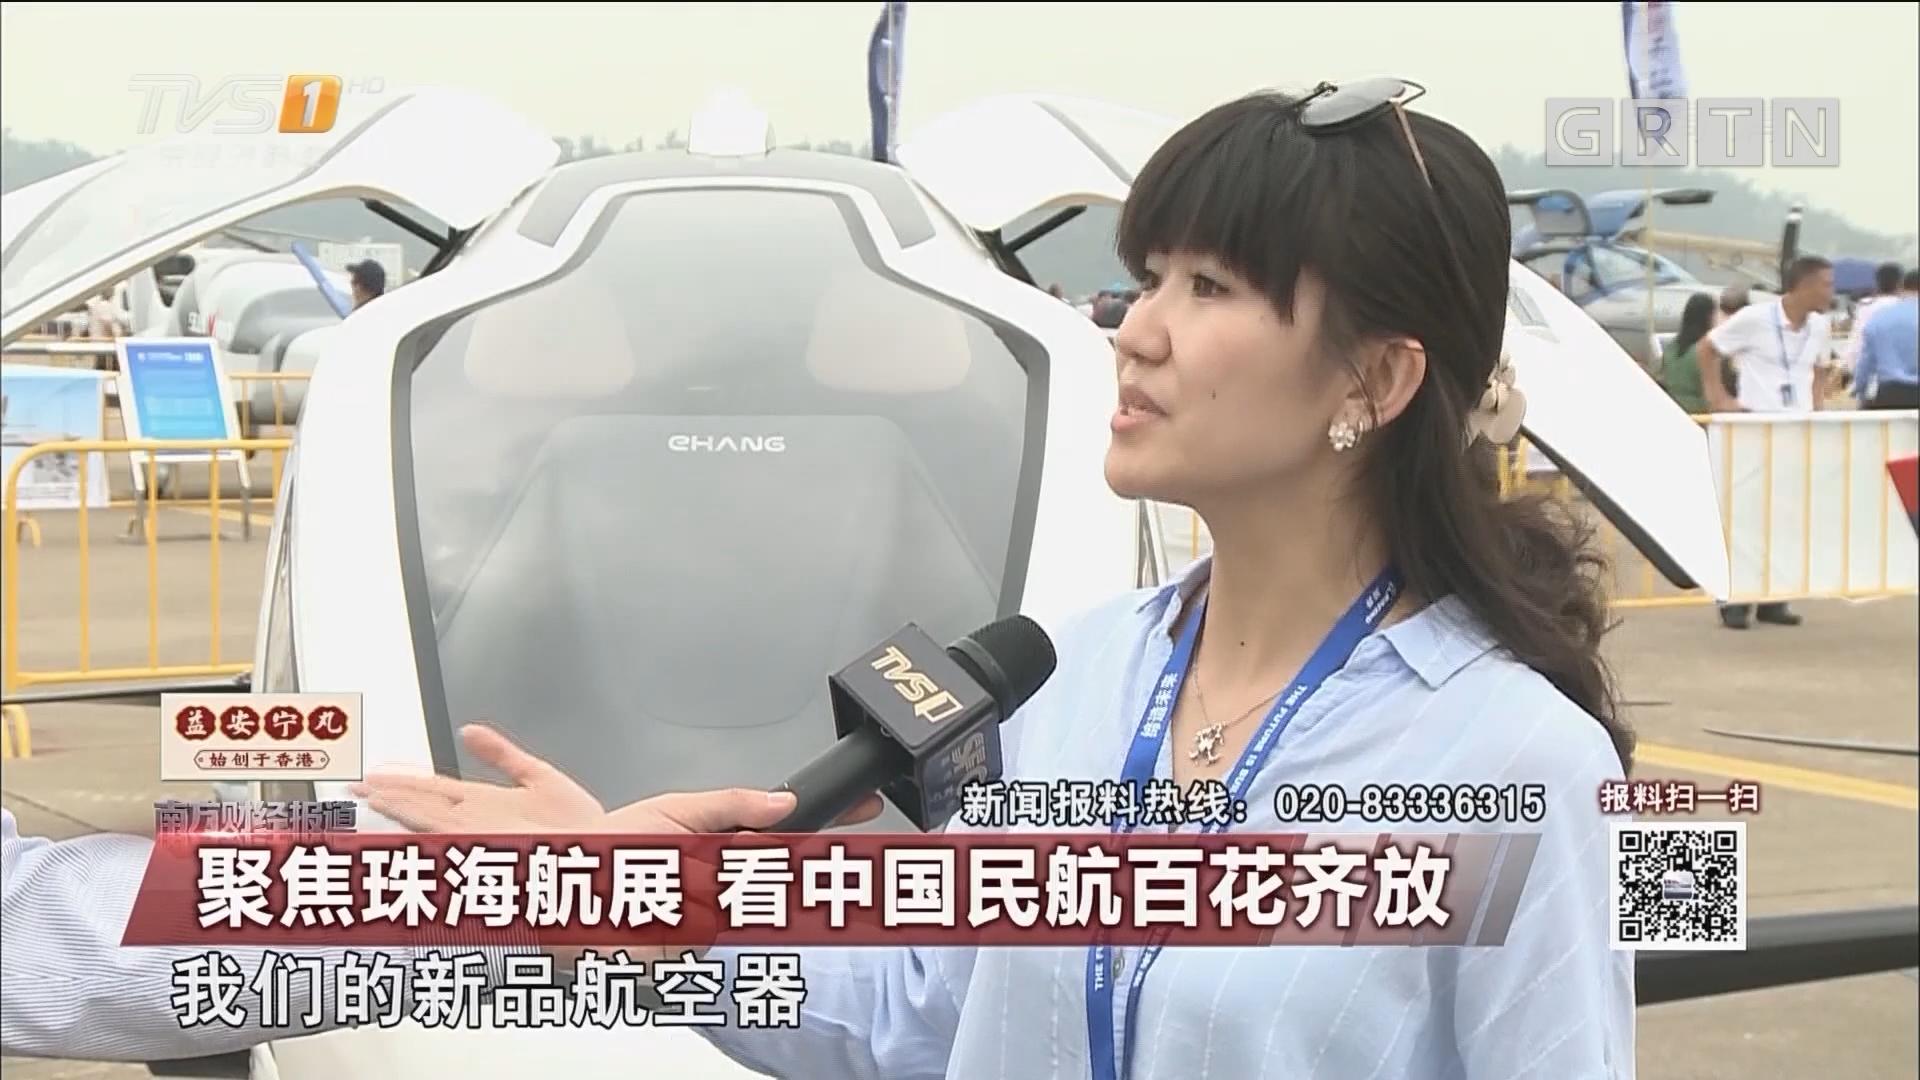 聚焦珠海航展 看中国民航百花齐放